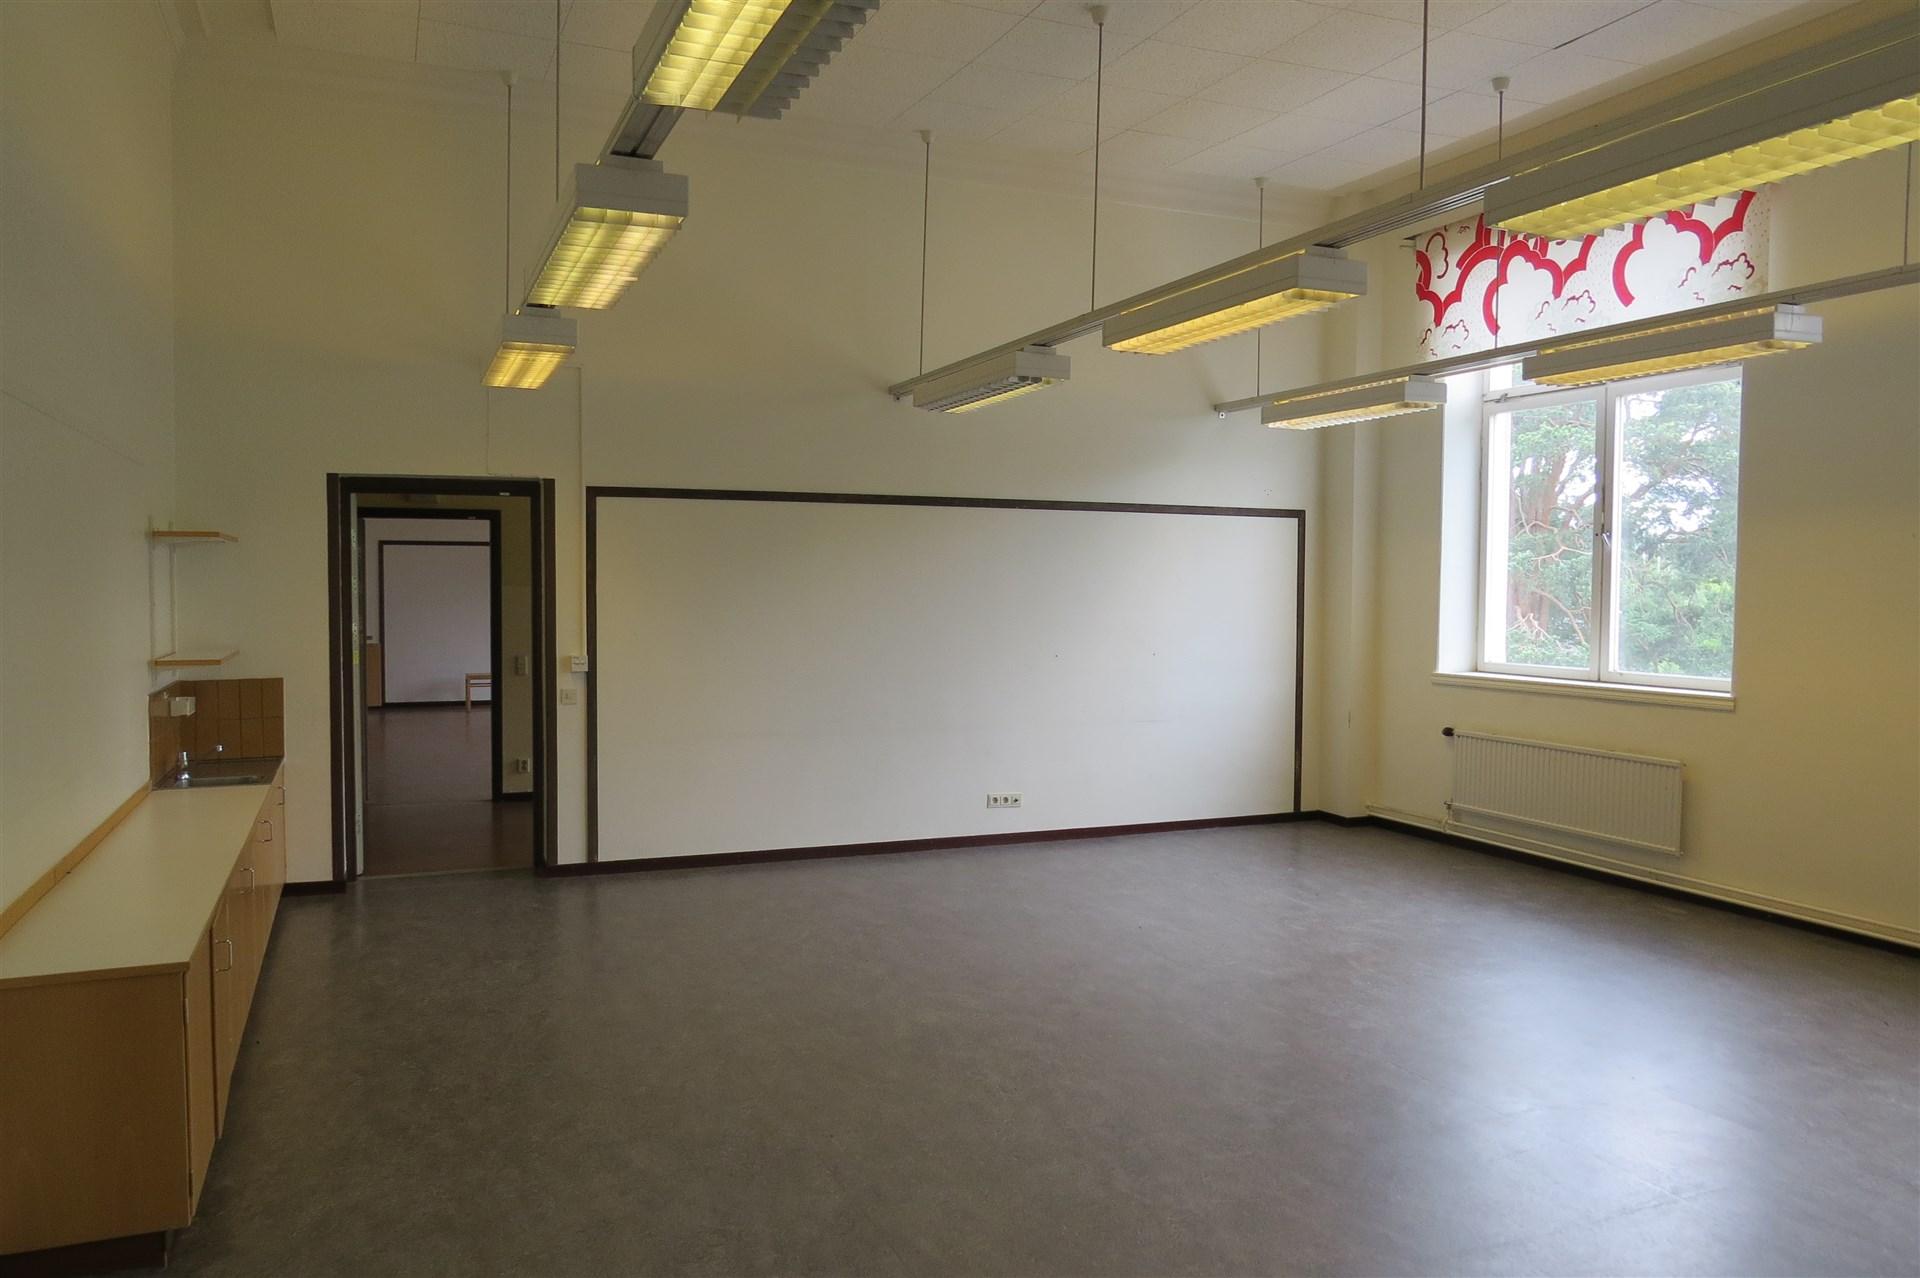 Klassrum/kontor